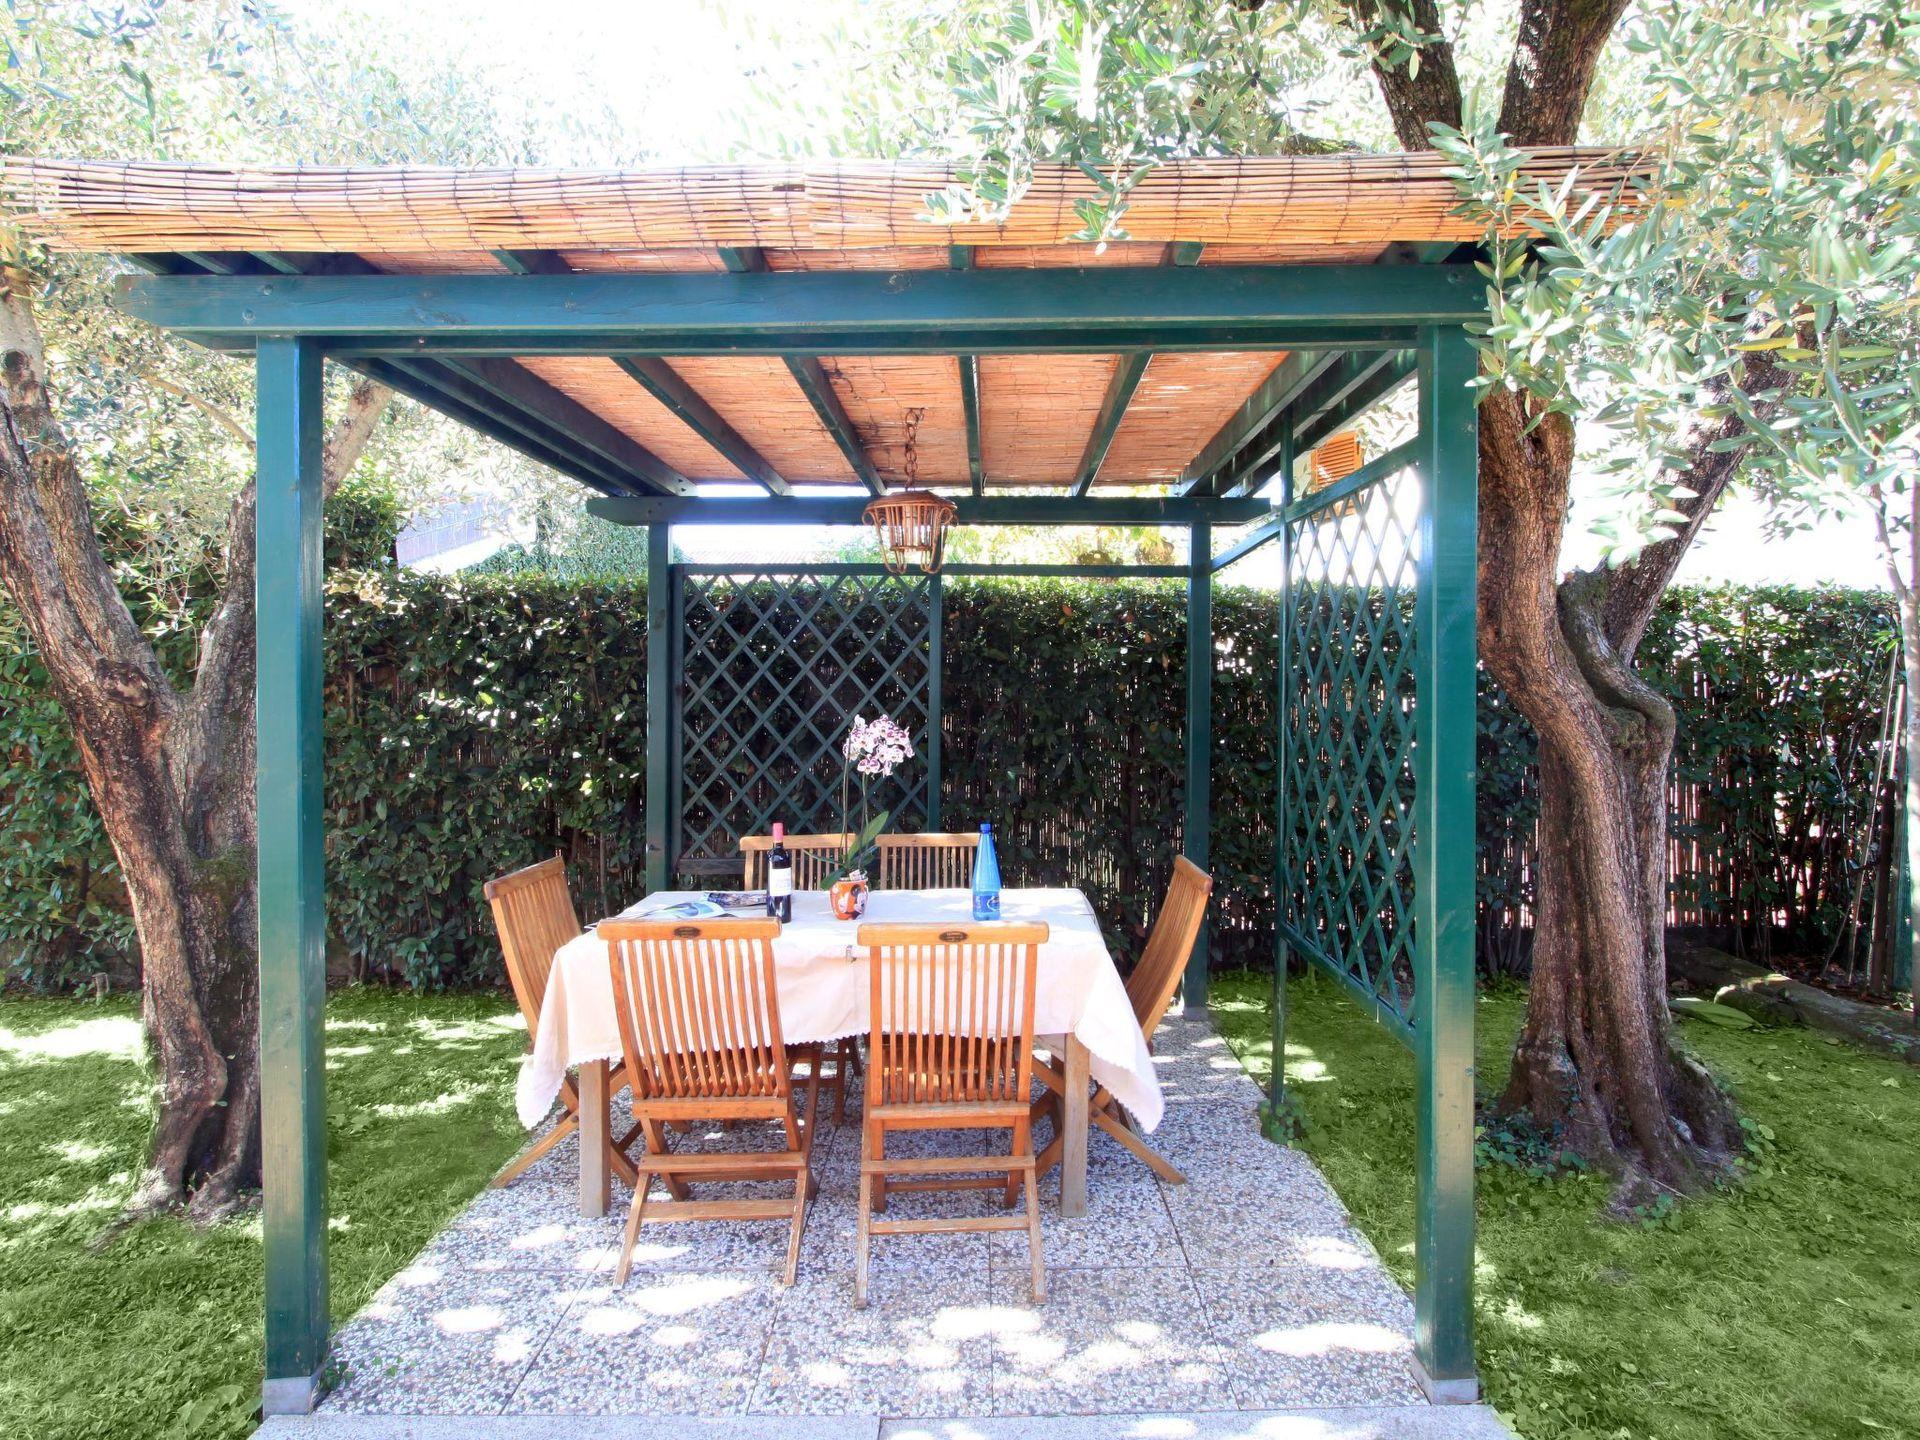 Michelangelo location de vacances - Couchages 5 dans 3 ...